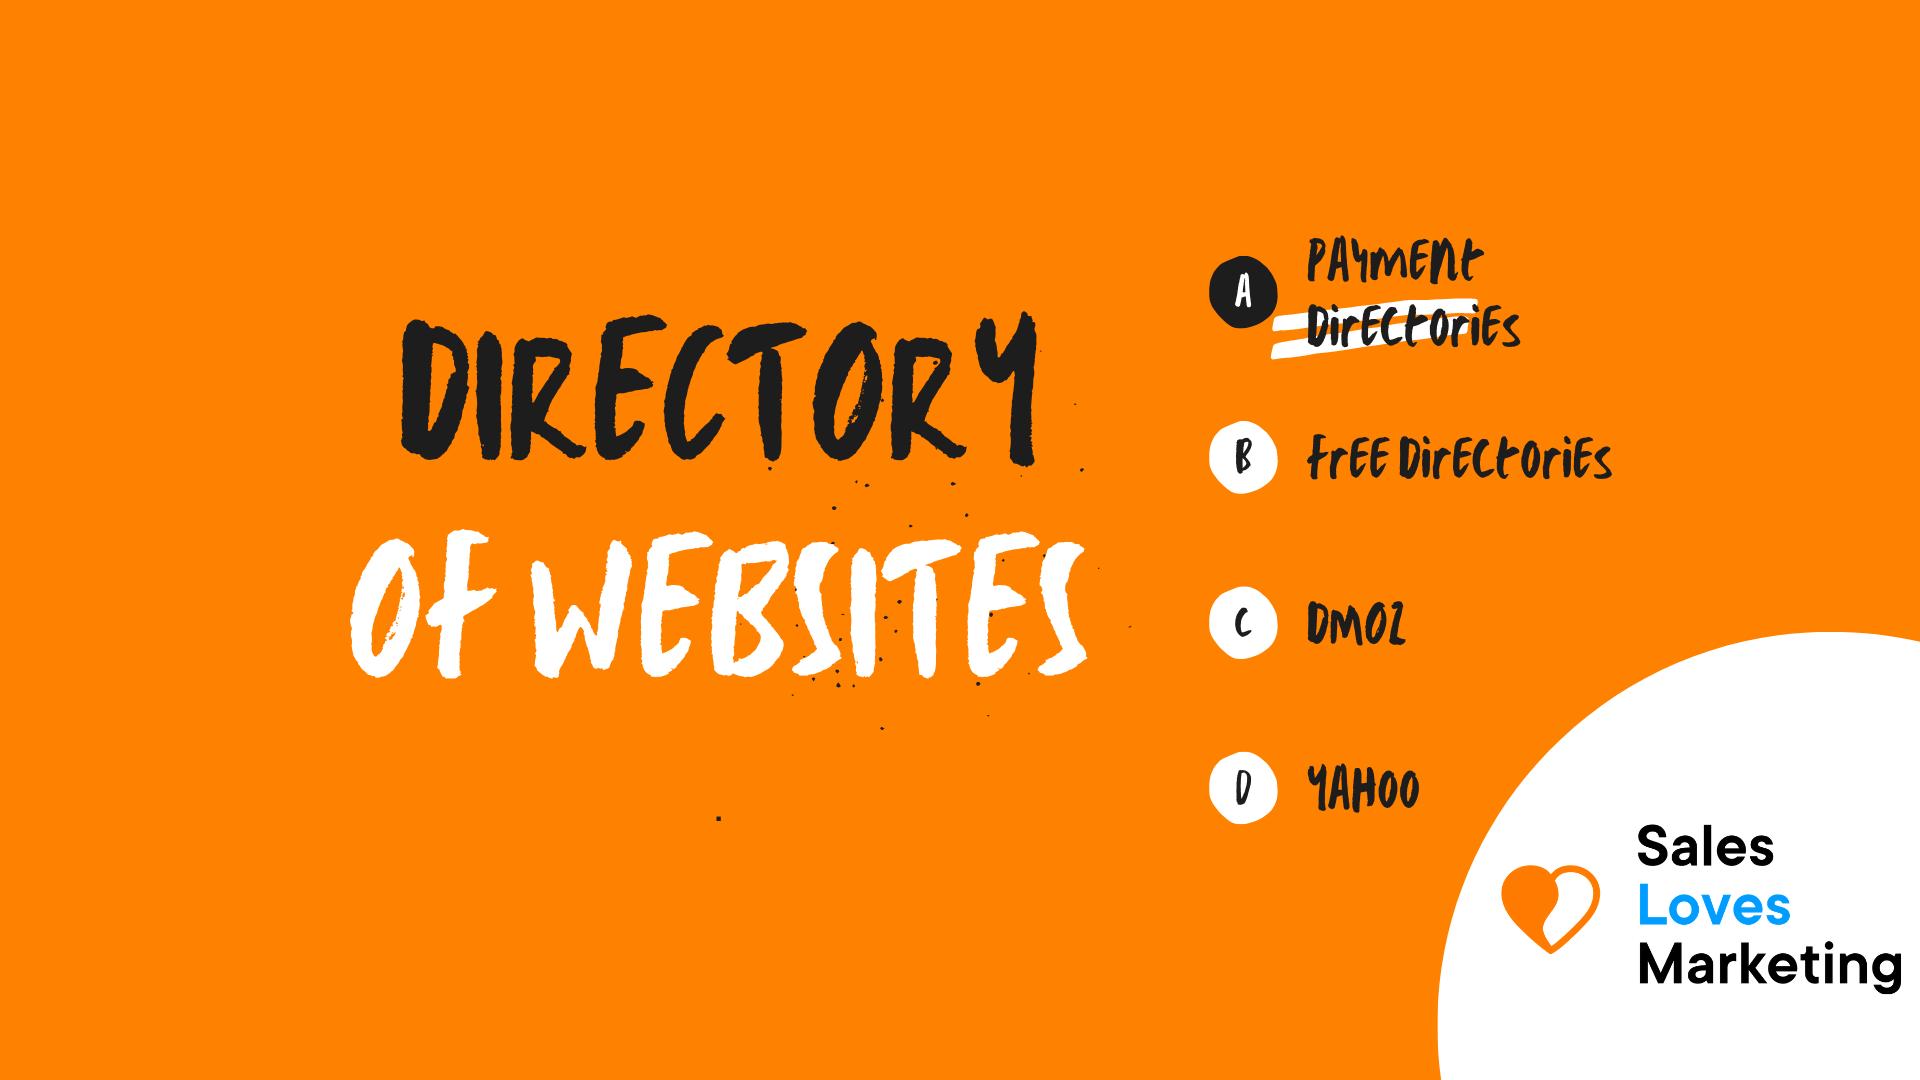 Directory of Websites